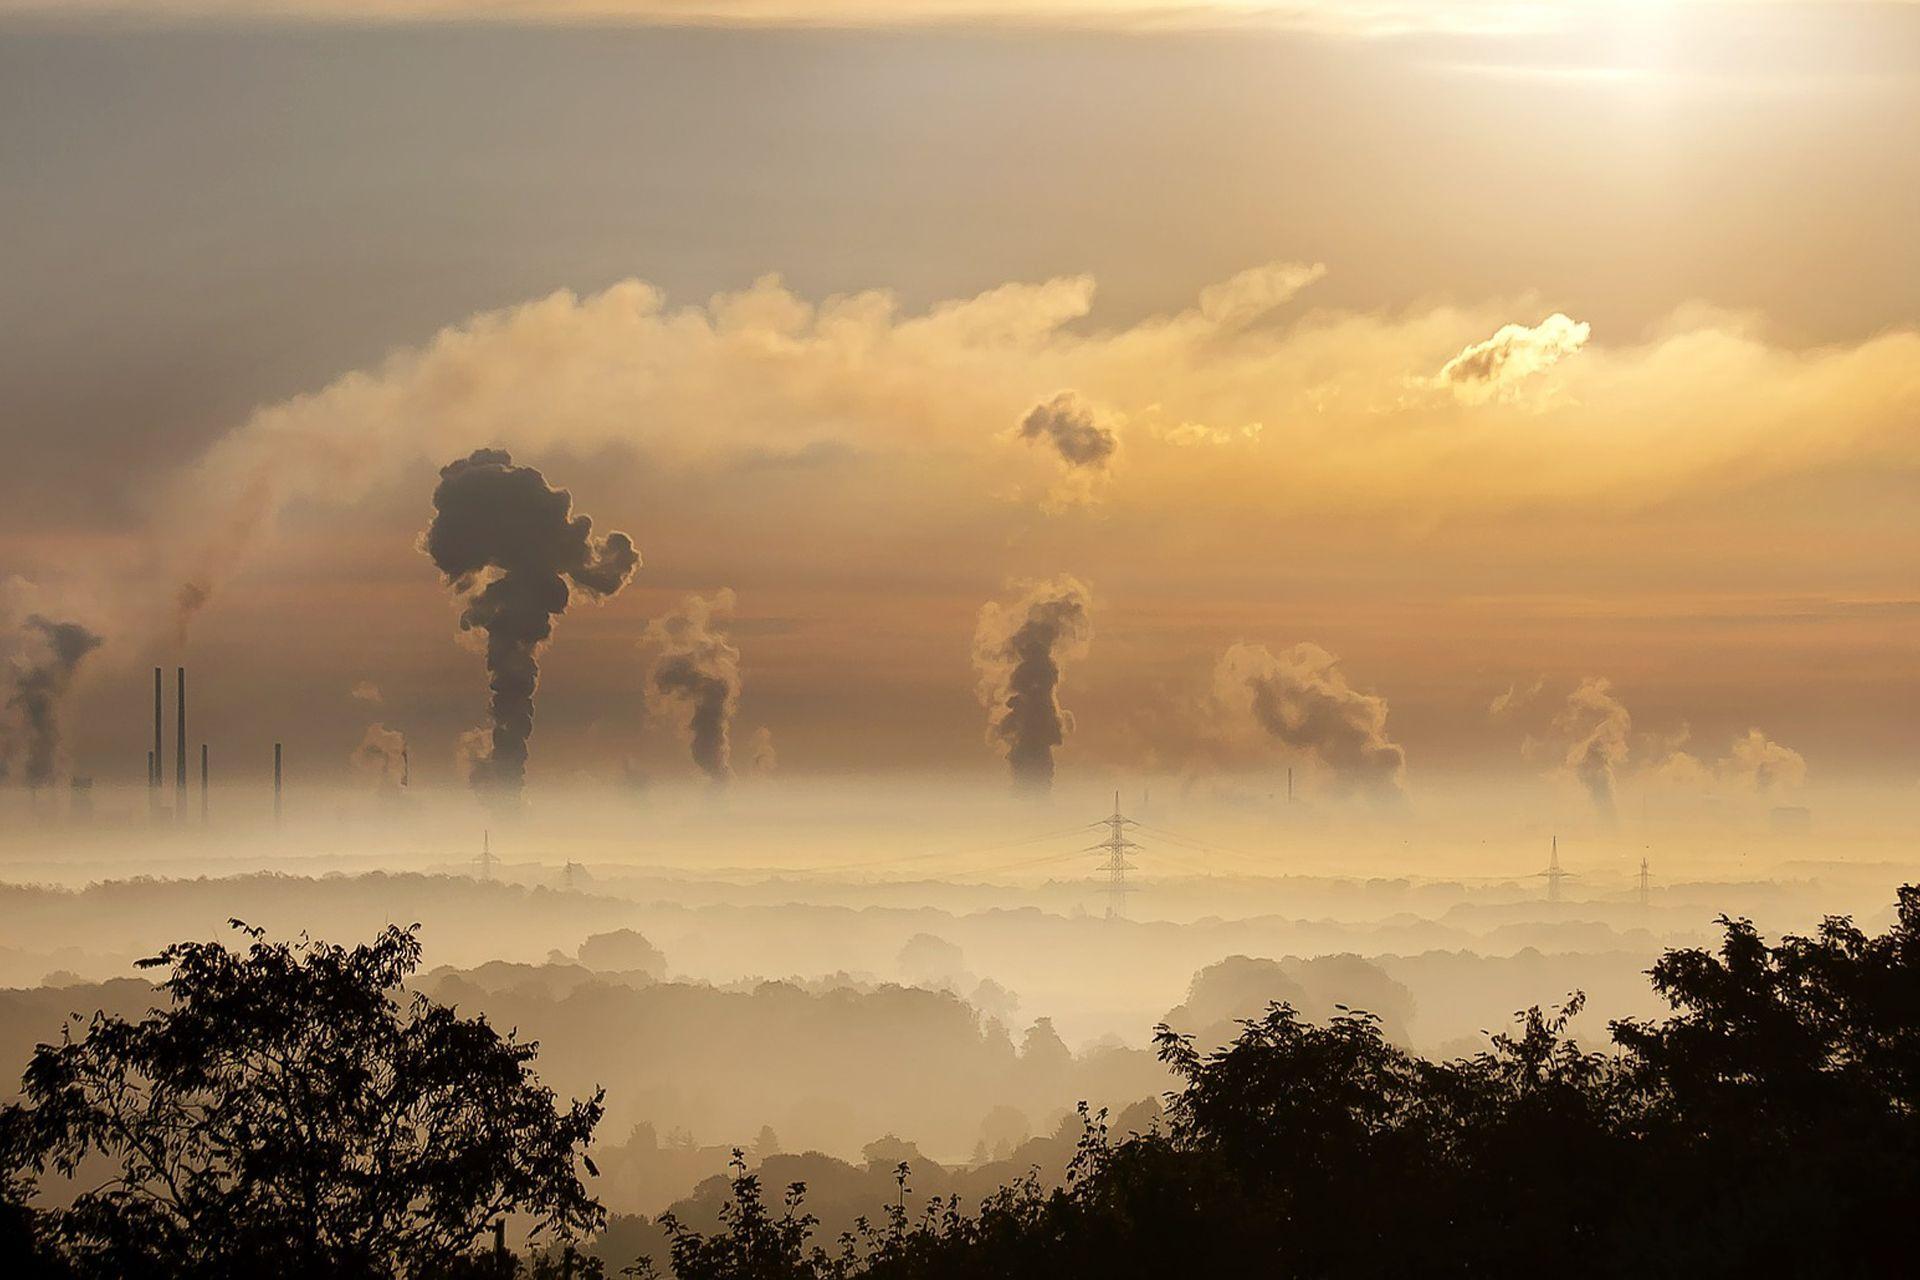 Концентрация парниковых газов в атмосфере вновь обновила рекорд